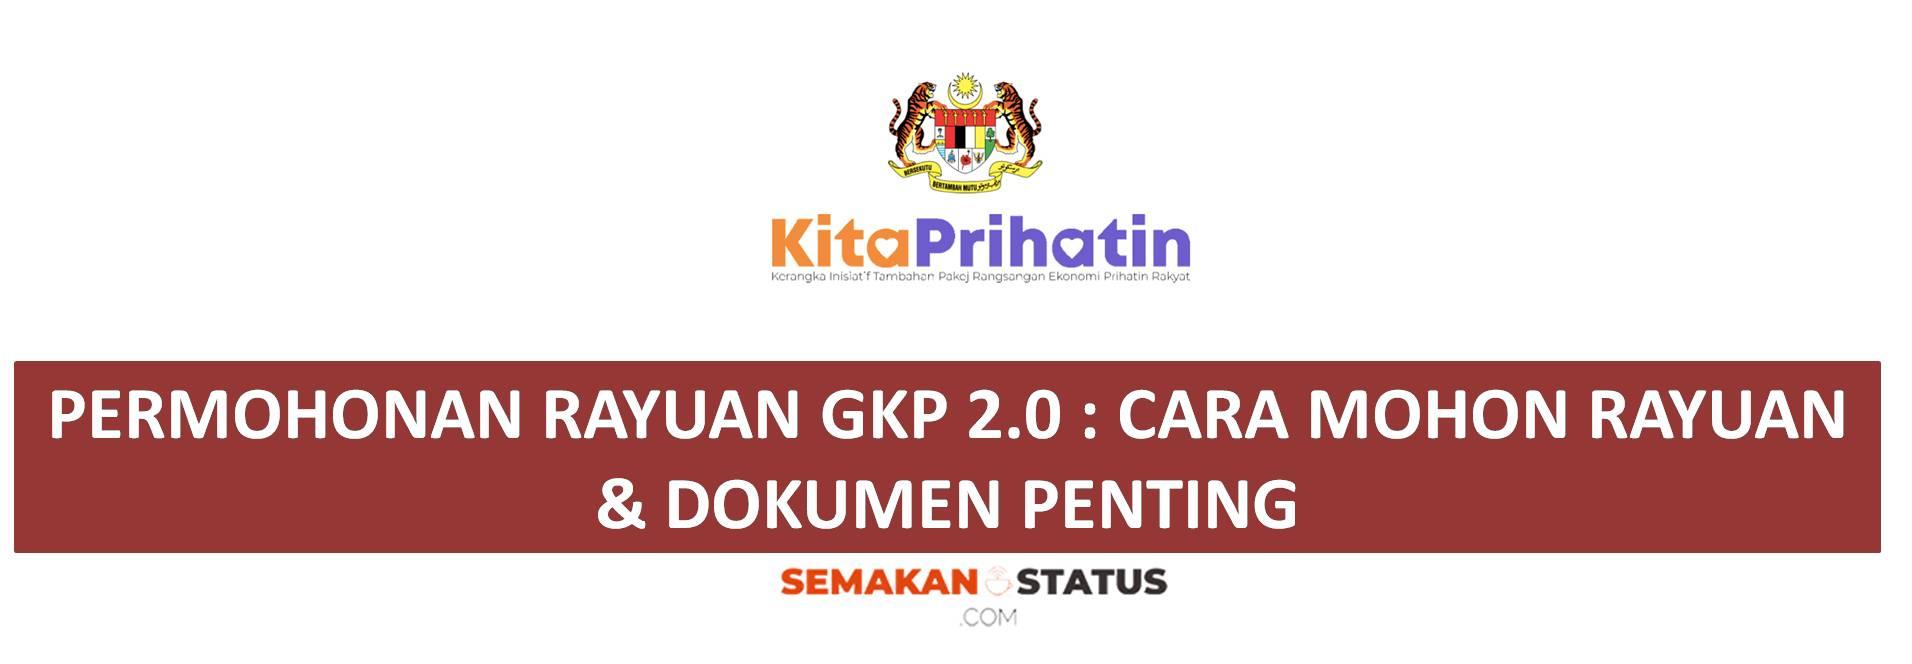 PERMOHONAN RAYUAN GKP 2.0 : CARA MOHON RAYUAN & DOKUMEN PENTING